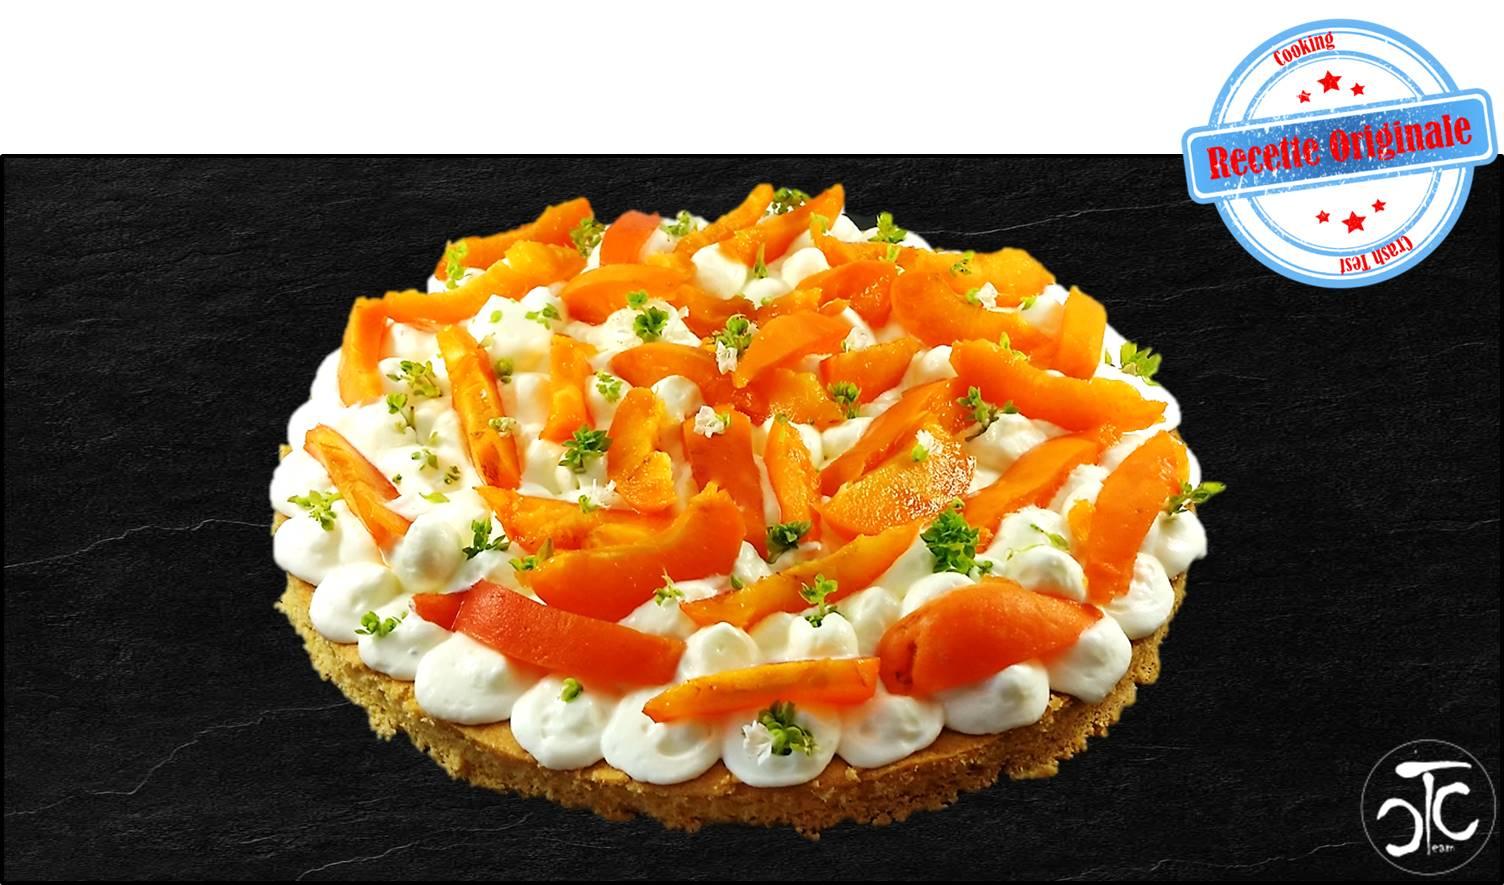 Tarte aux abricots et chantilly au thym recette originale cooking crash test - Recette tarte salee originale ...